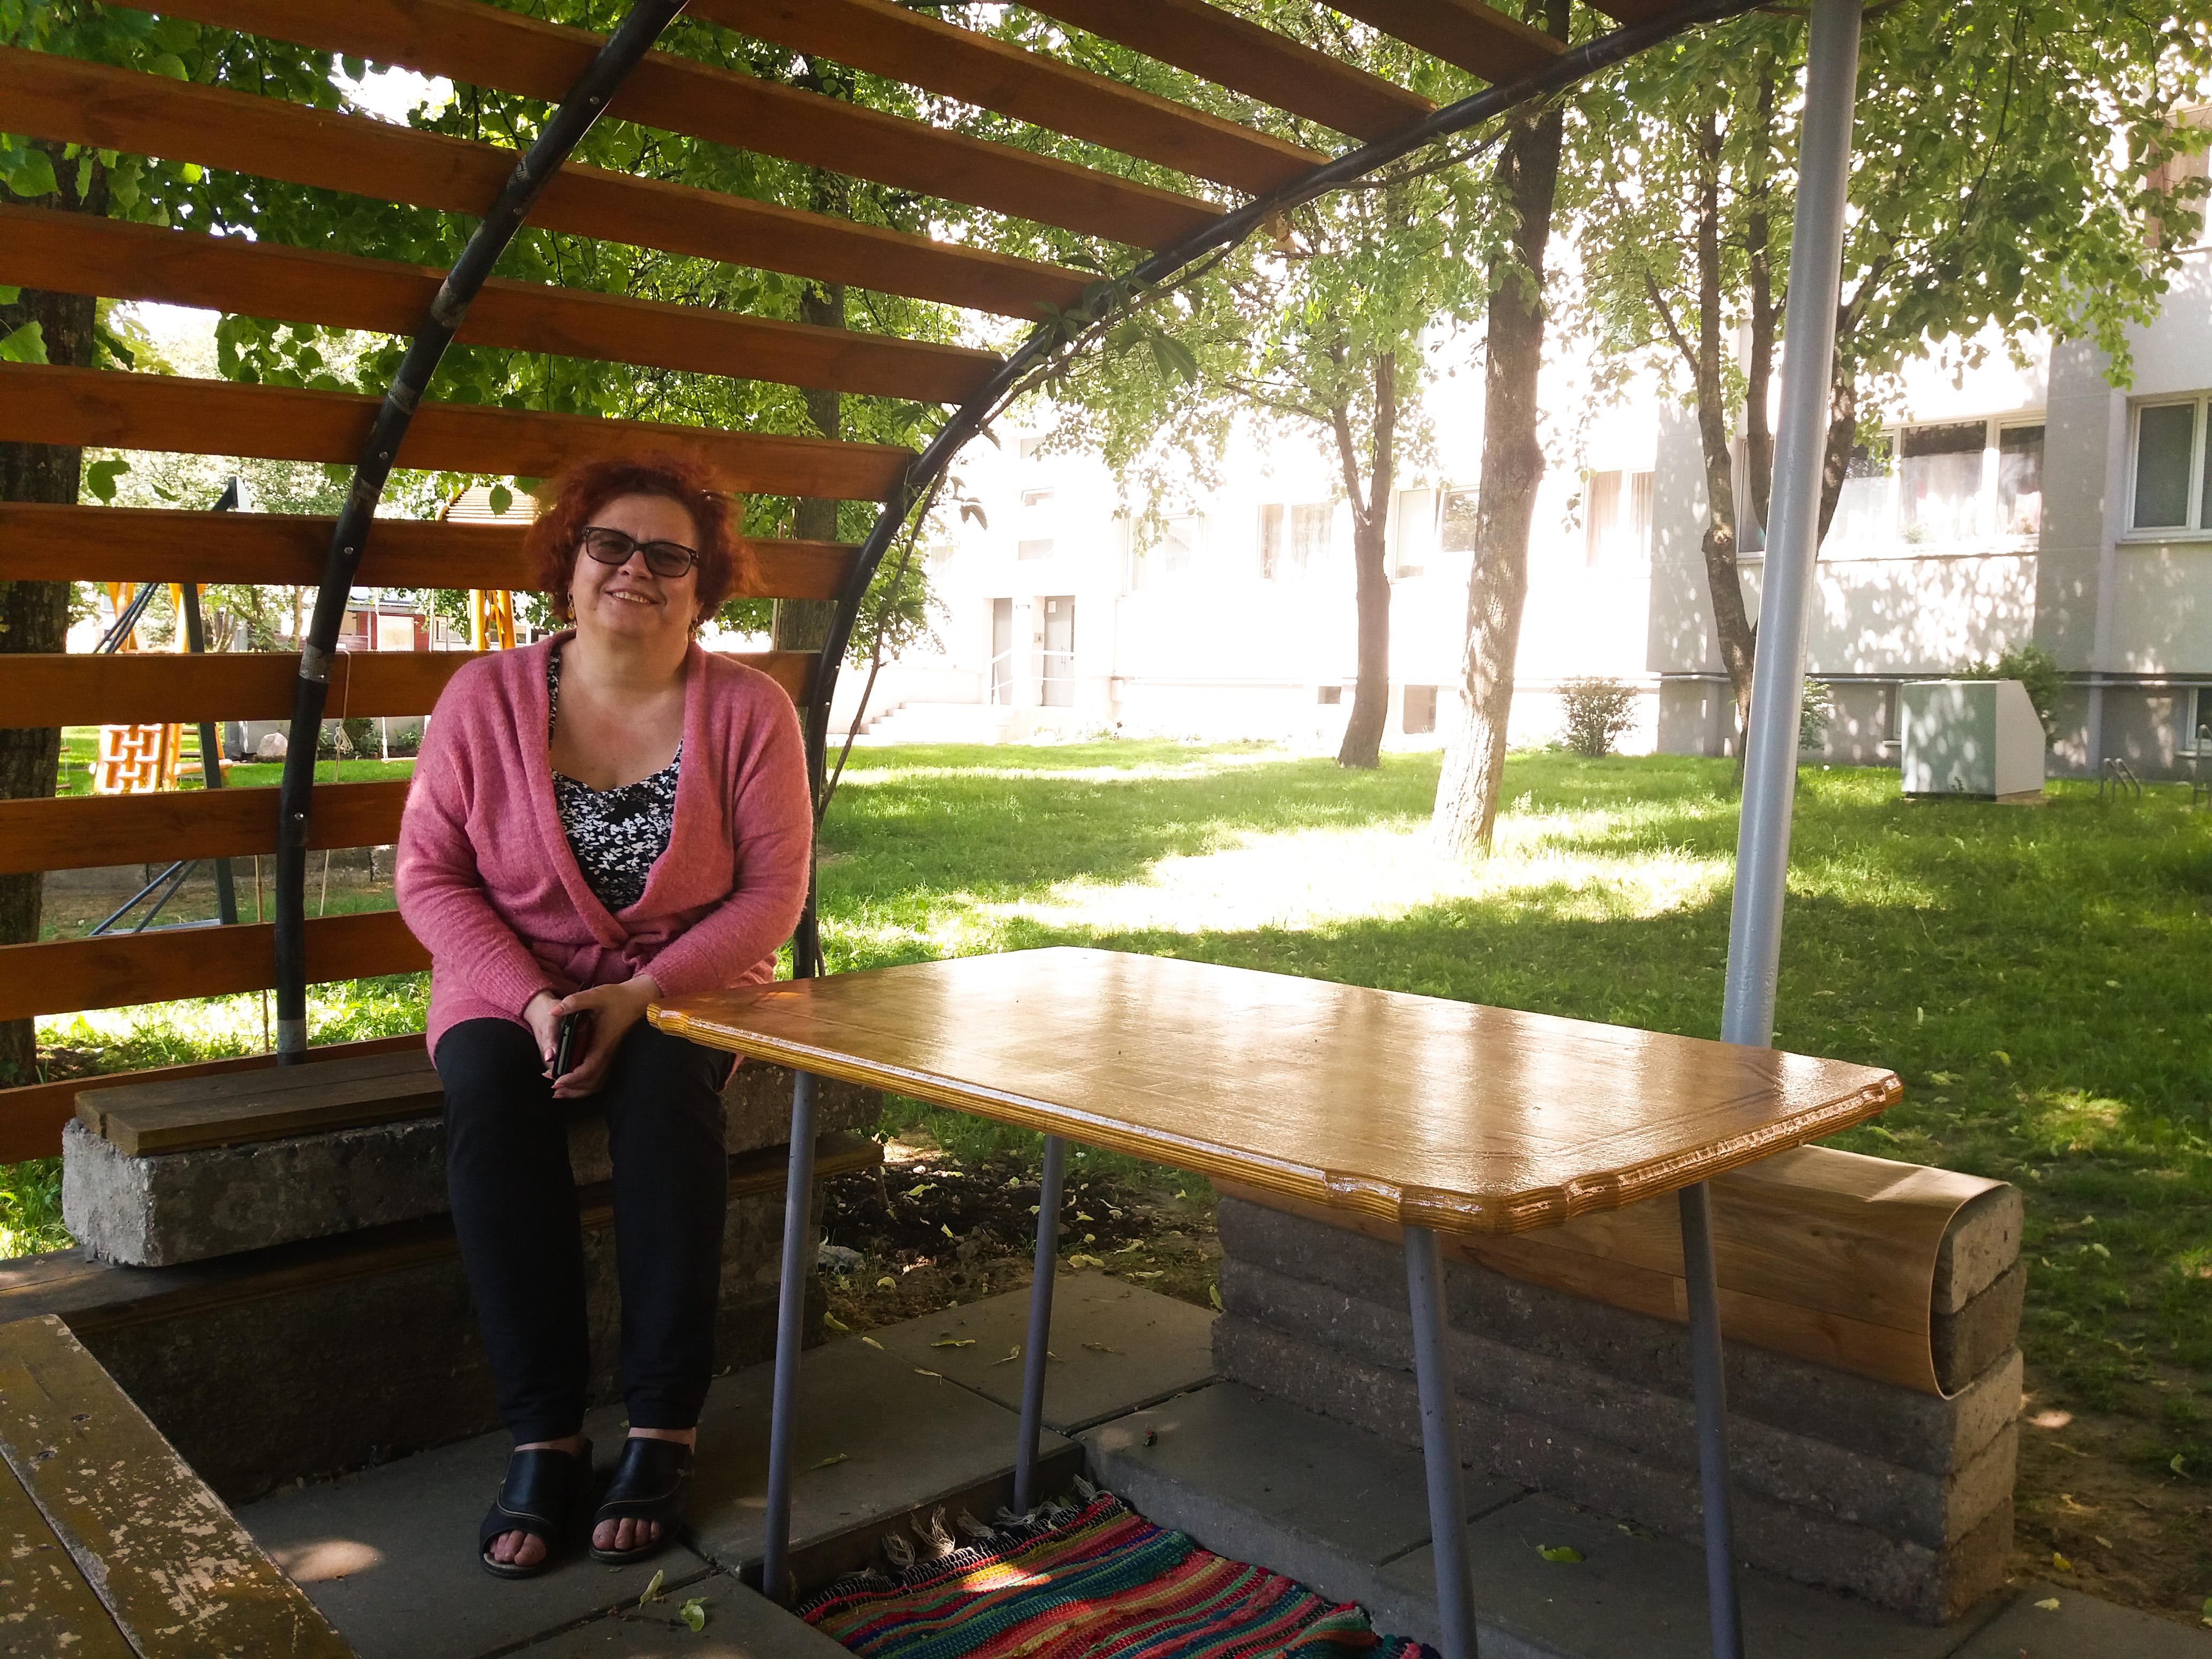 Namo pirmininkė Alma džiaugiasi gyvenanti Gričiupyje.